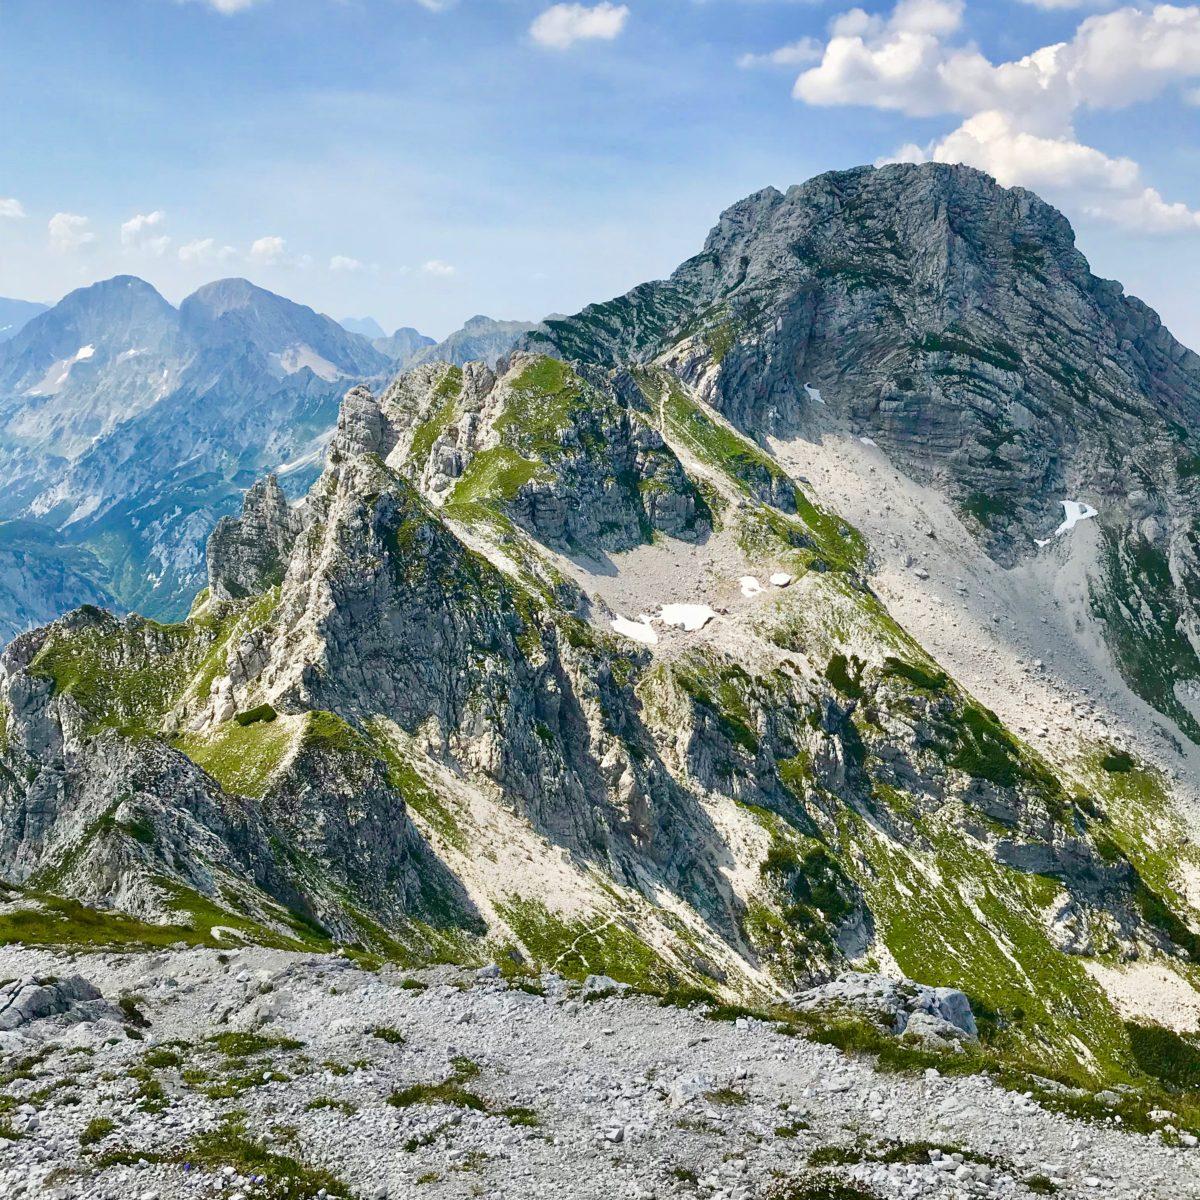 Der Hexenturm: Der Klettersteig geht links, der Normalweg rechts des ersten Felsens